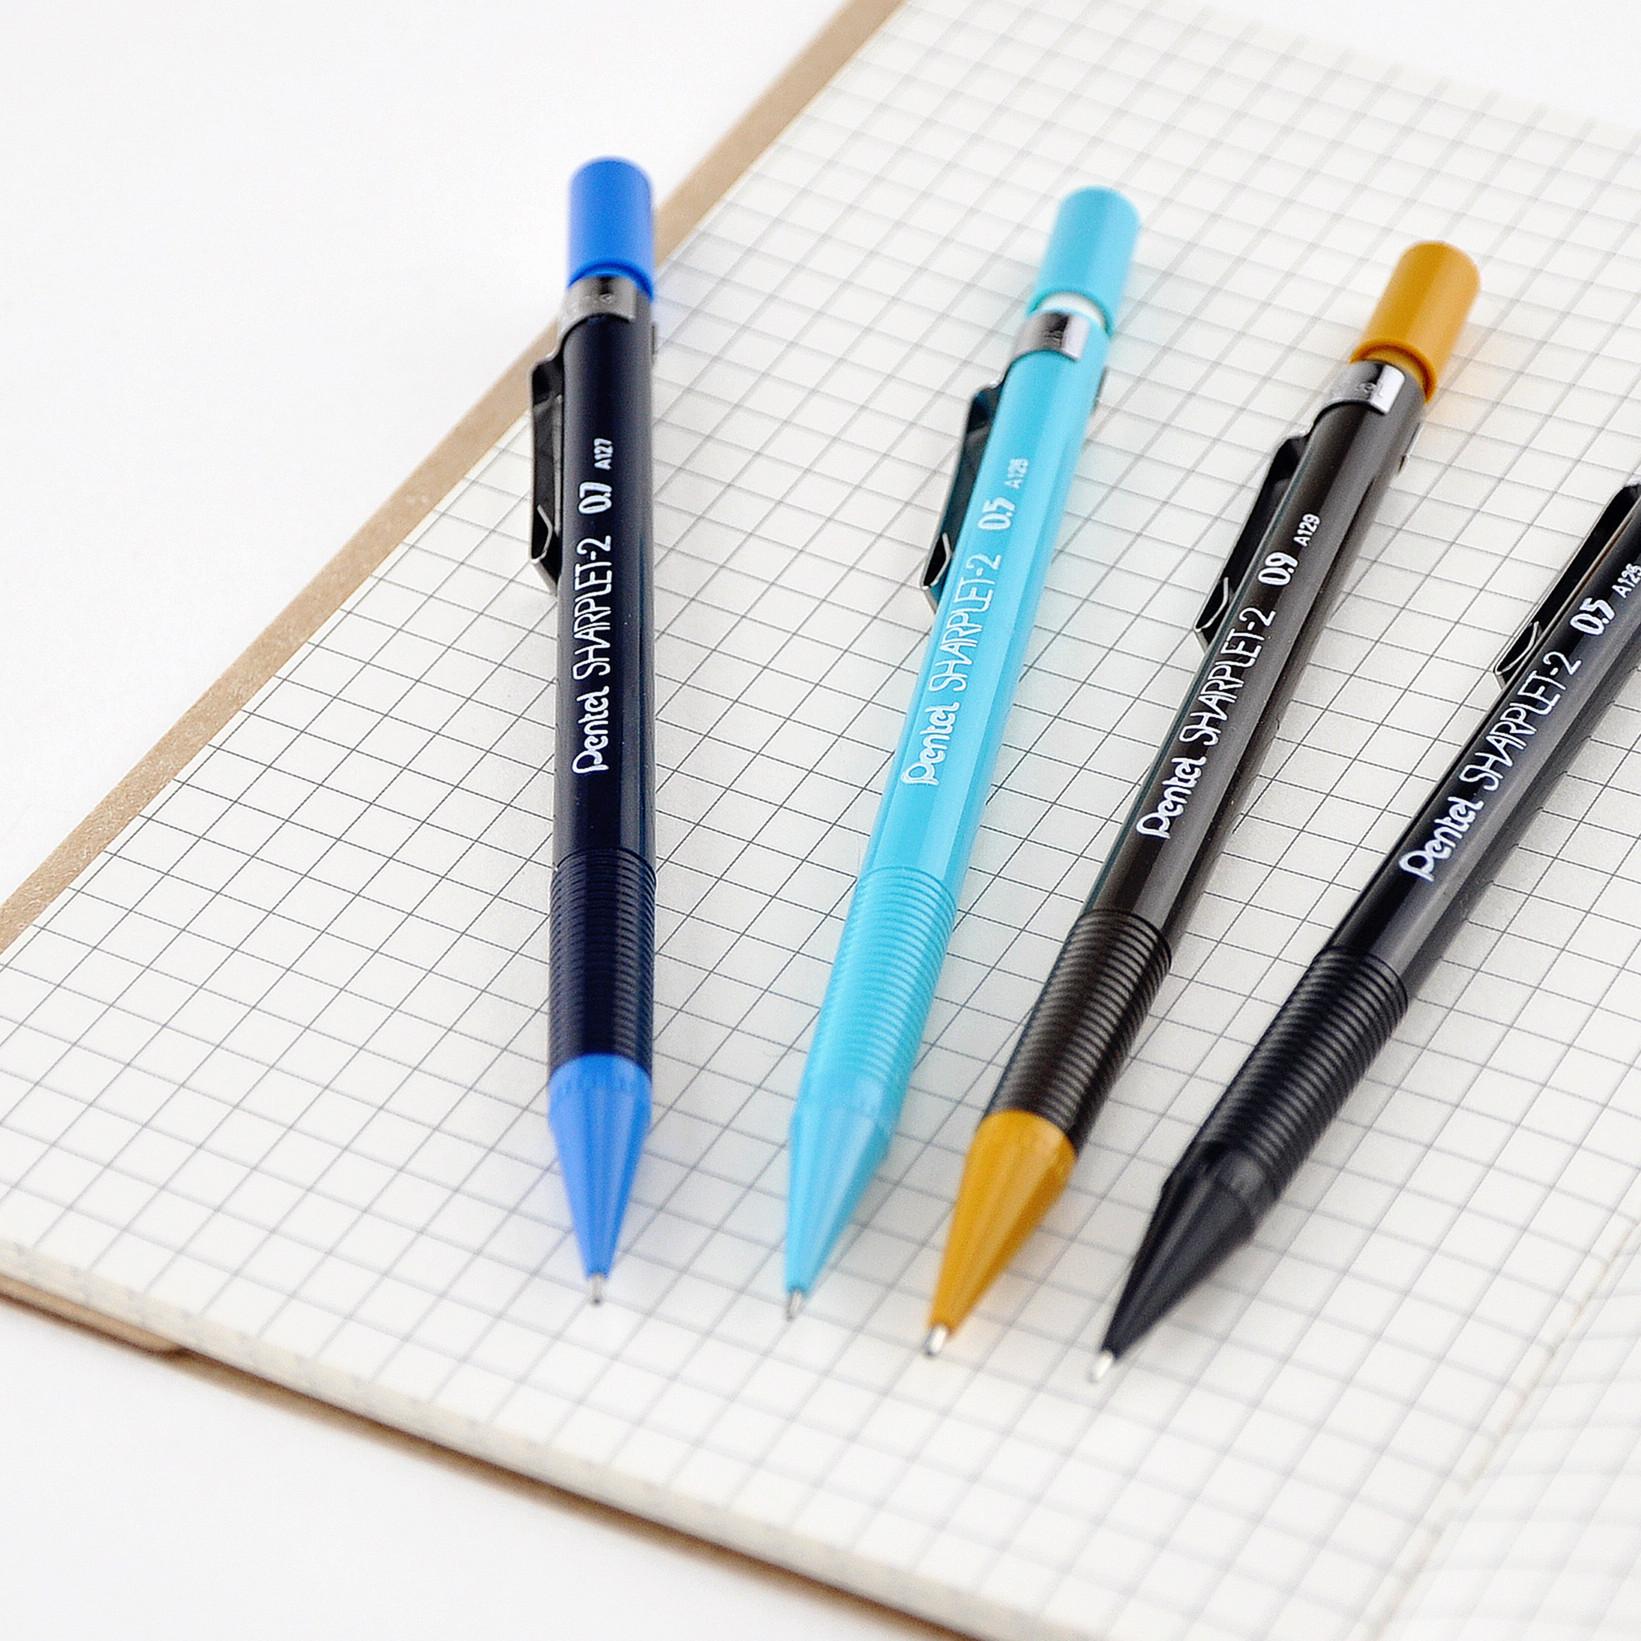 日本Pentel派通|SHARPLET-2|A125|0.5mm|经典自动铅笔/活动铅笔